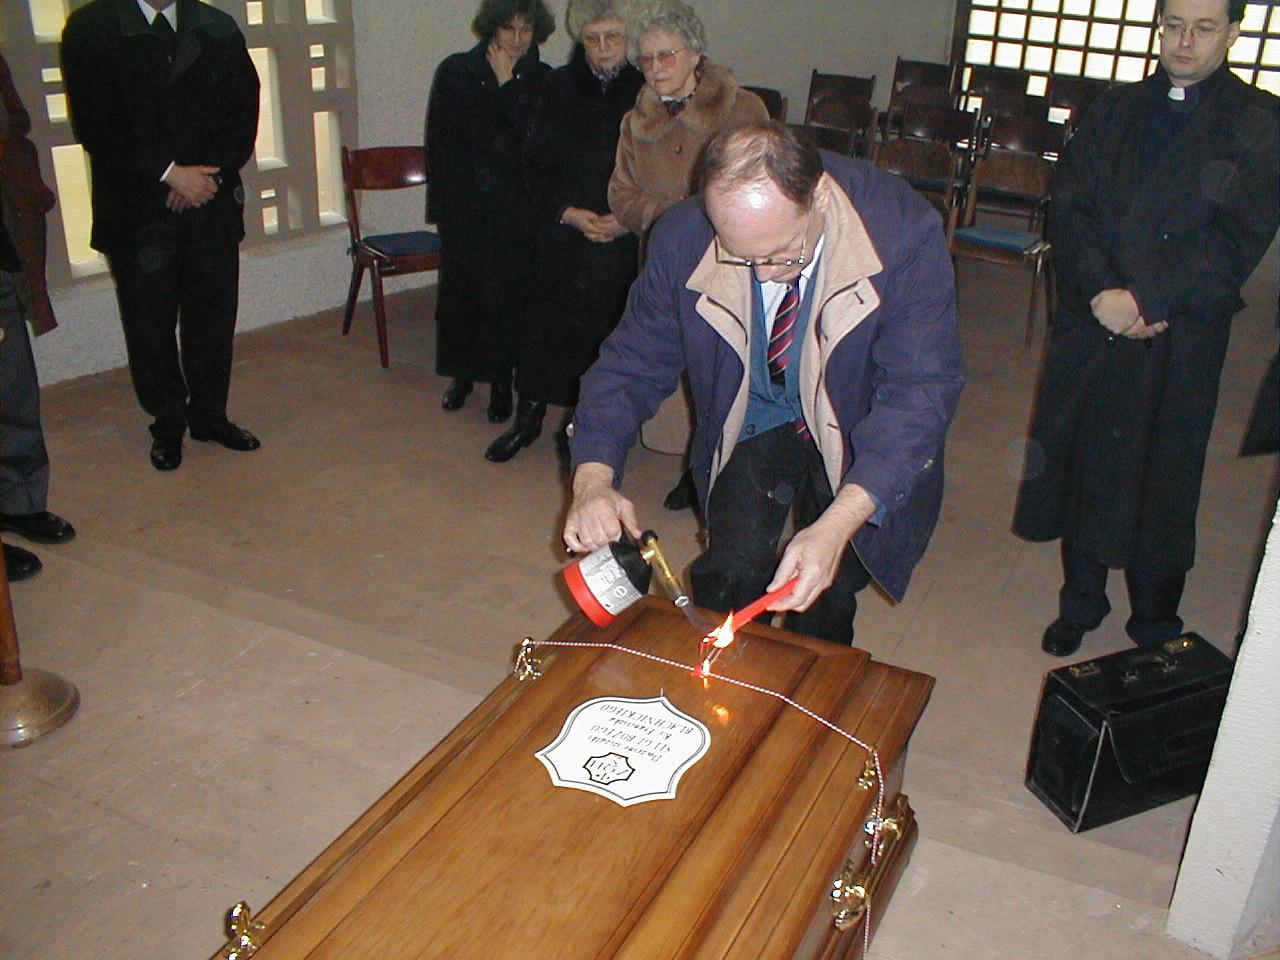 28 marca 2000 r., W kaplicy cmentarnej Konsul Rzeczypospolitej Polskiej Pan Wiesław Ratyński z Kolonii nakłada pieczęcie państwowe na trumnie z doczesnymi szczątkami Sługi Bożego